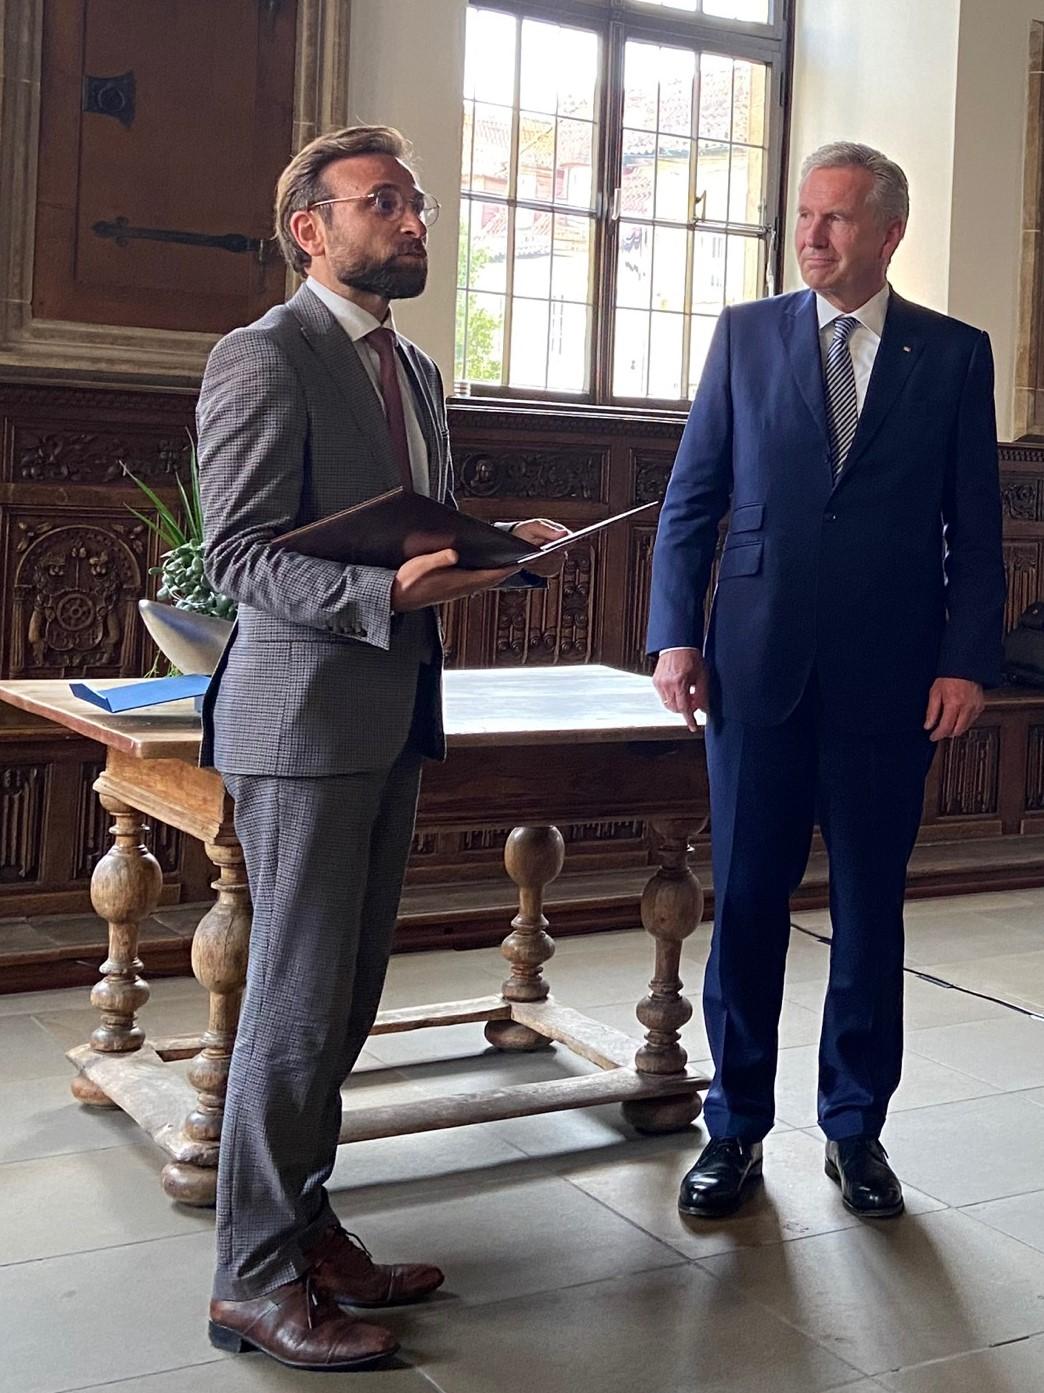 Avicenna-Vorstandsvorsitzender Prof. Dr. Bülent Ucar bei der Übergabe des Avicenna-Preises